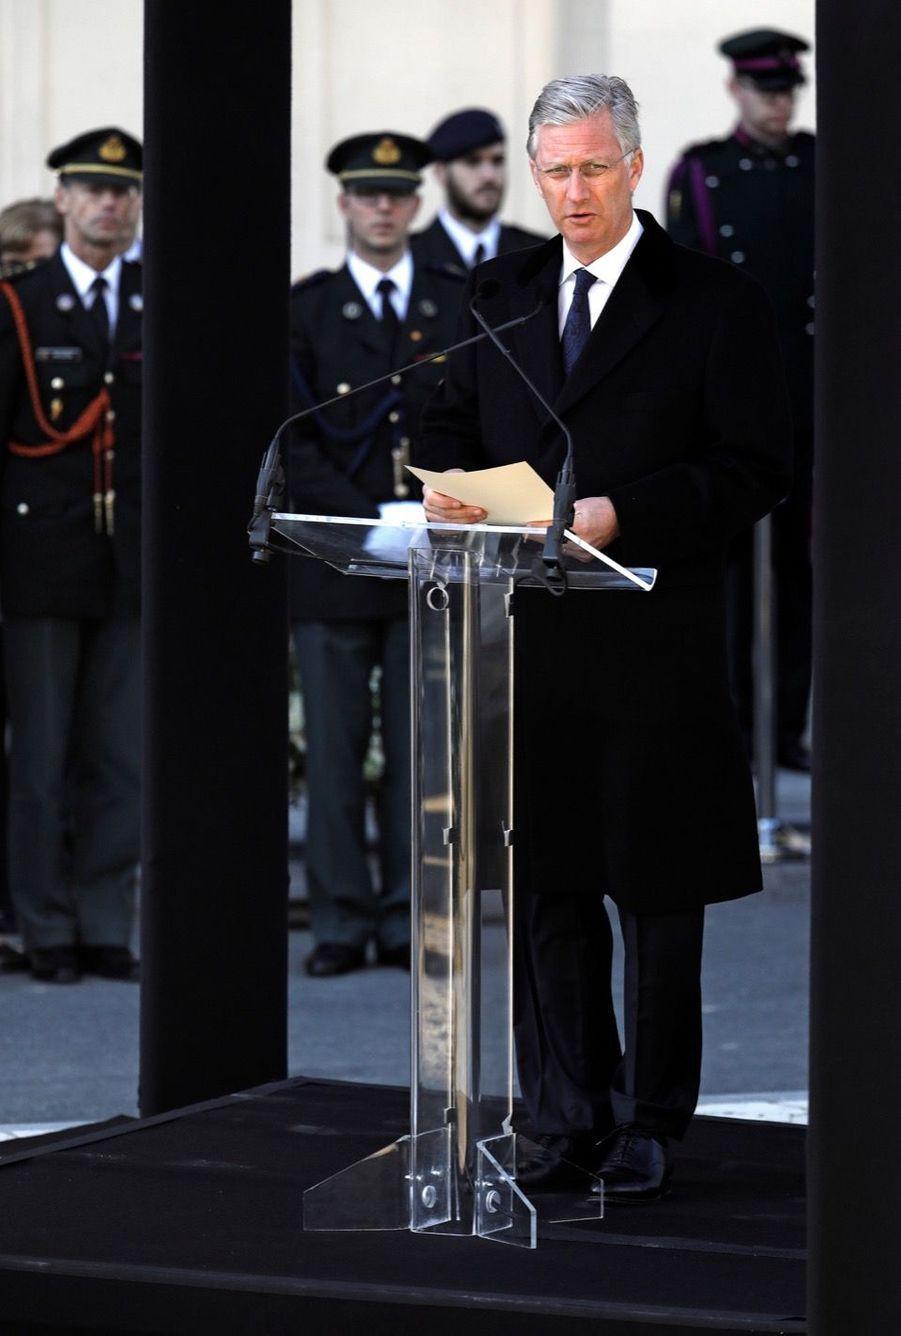 La Reine Mathilde Et Le Roi Des Belges Philippe Rendent Hommages Aux Victimes Des Attentats Du 22 Mars 2016 À Bruxelles 12